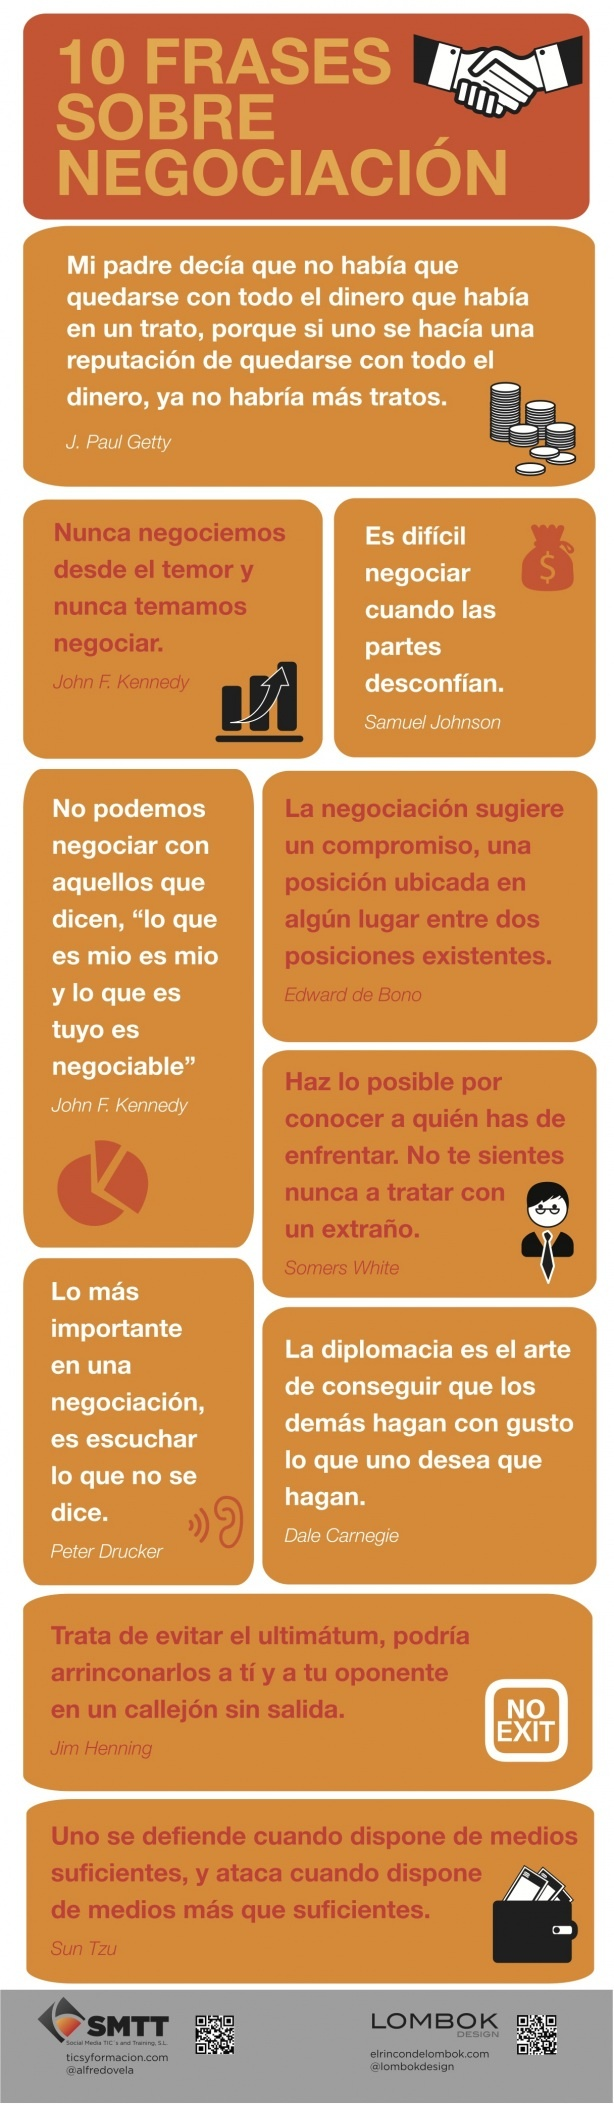 10 frases sobre negociacion #marketing #infografia #infographics